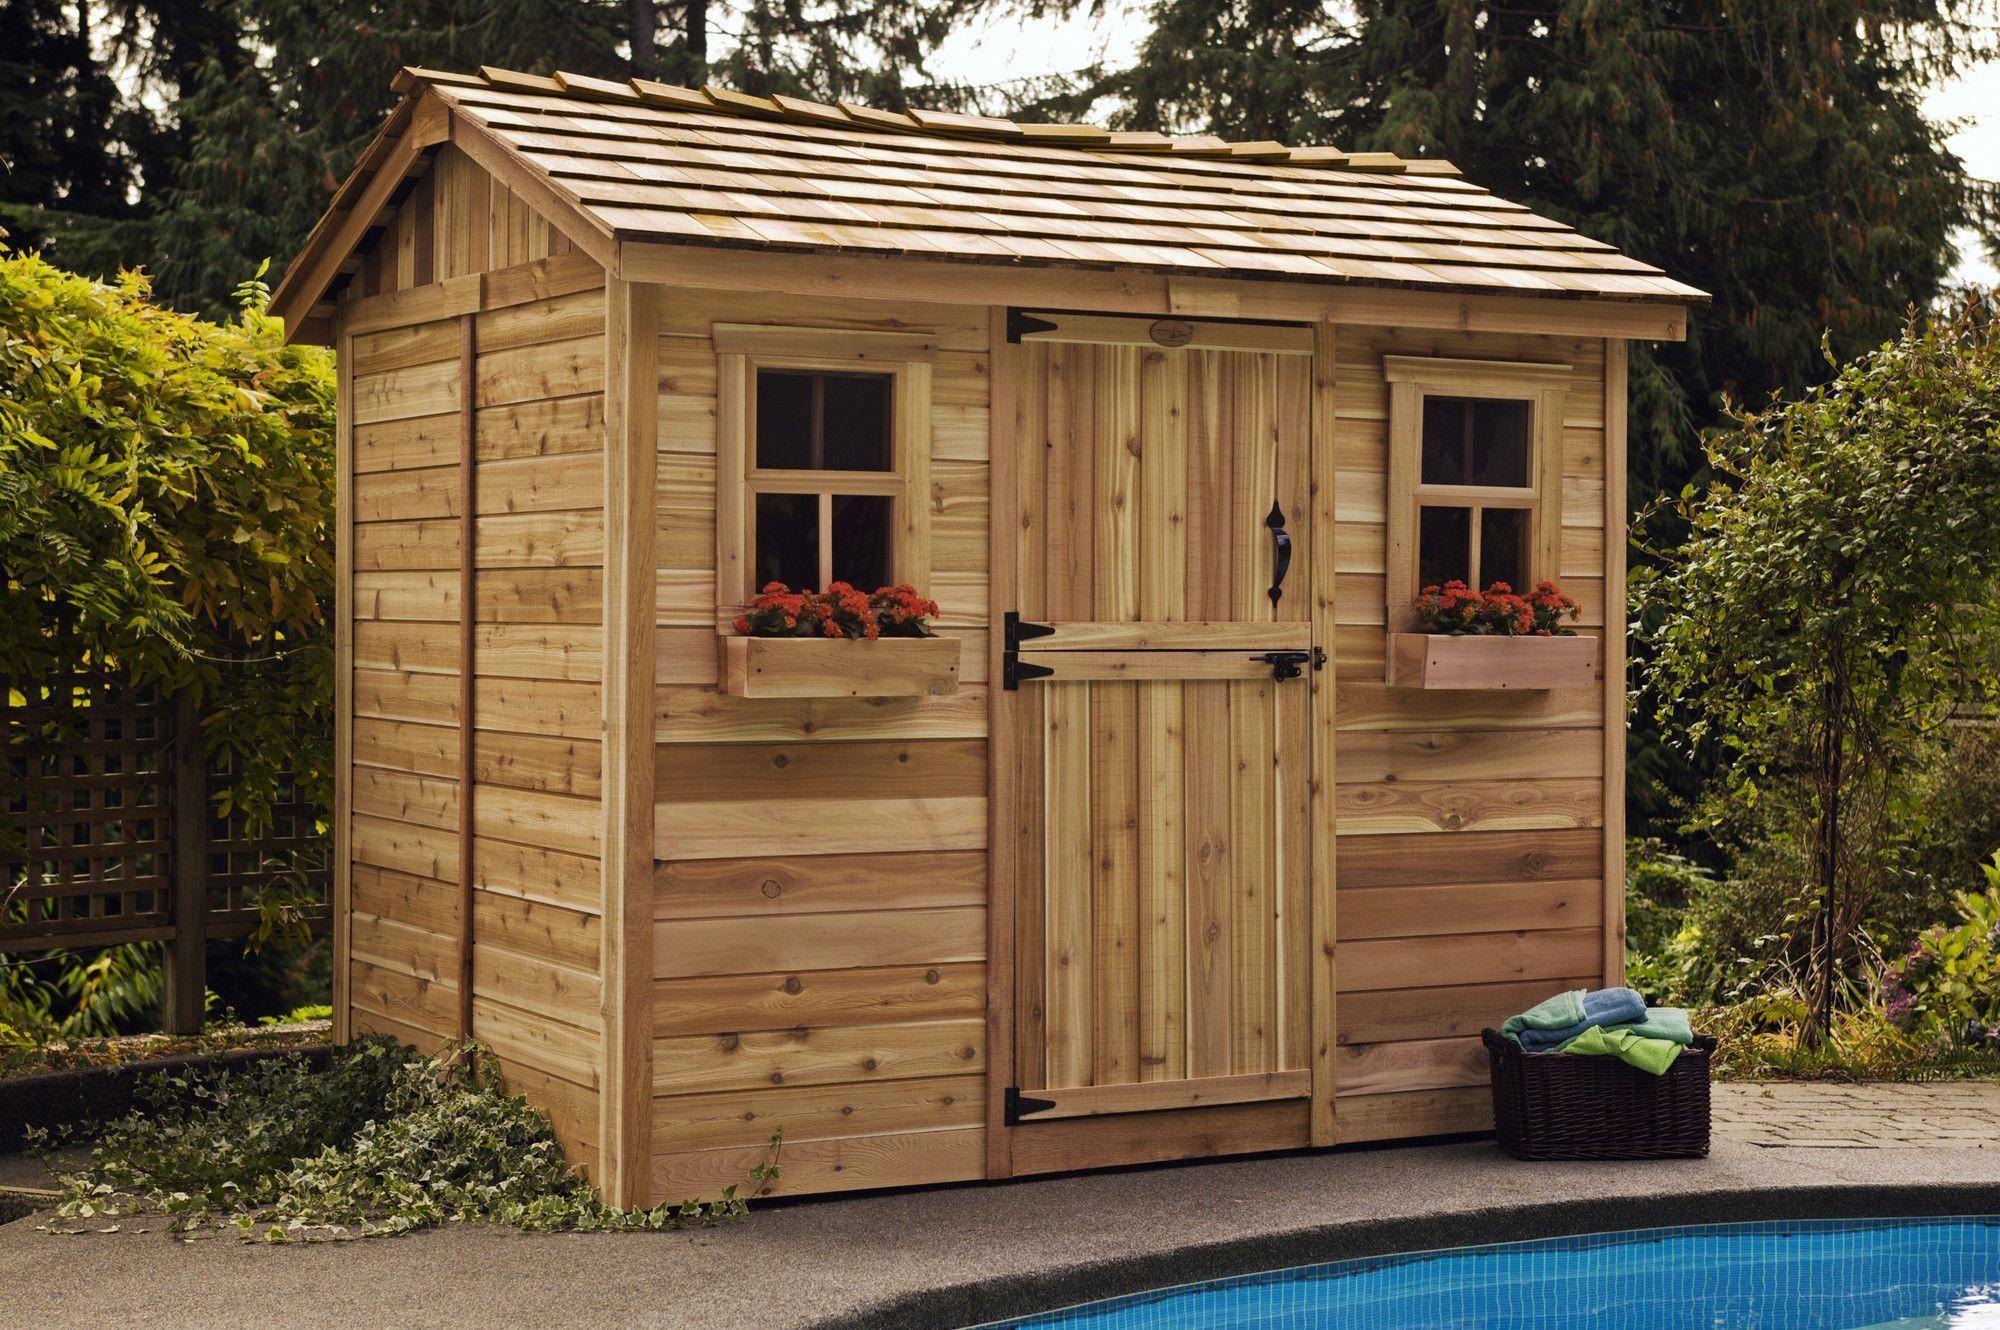 Cabana 9ft W X 6ft D Wood Garden Shed Wayfair Diyshedkit